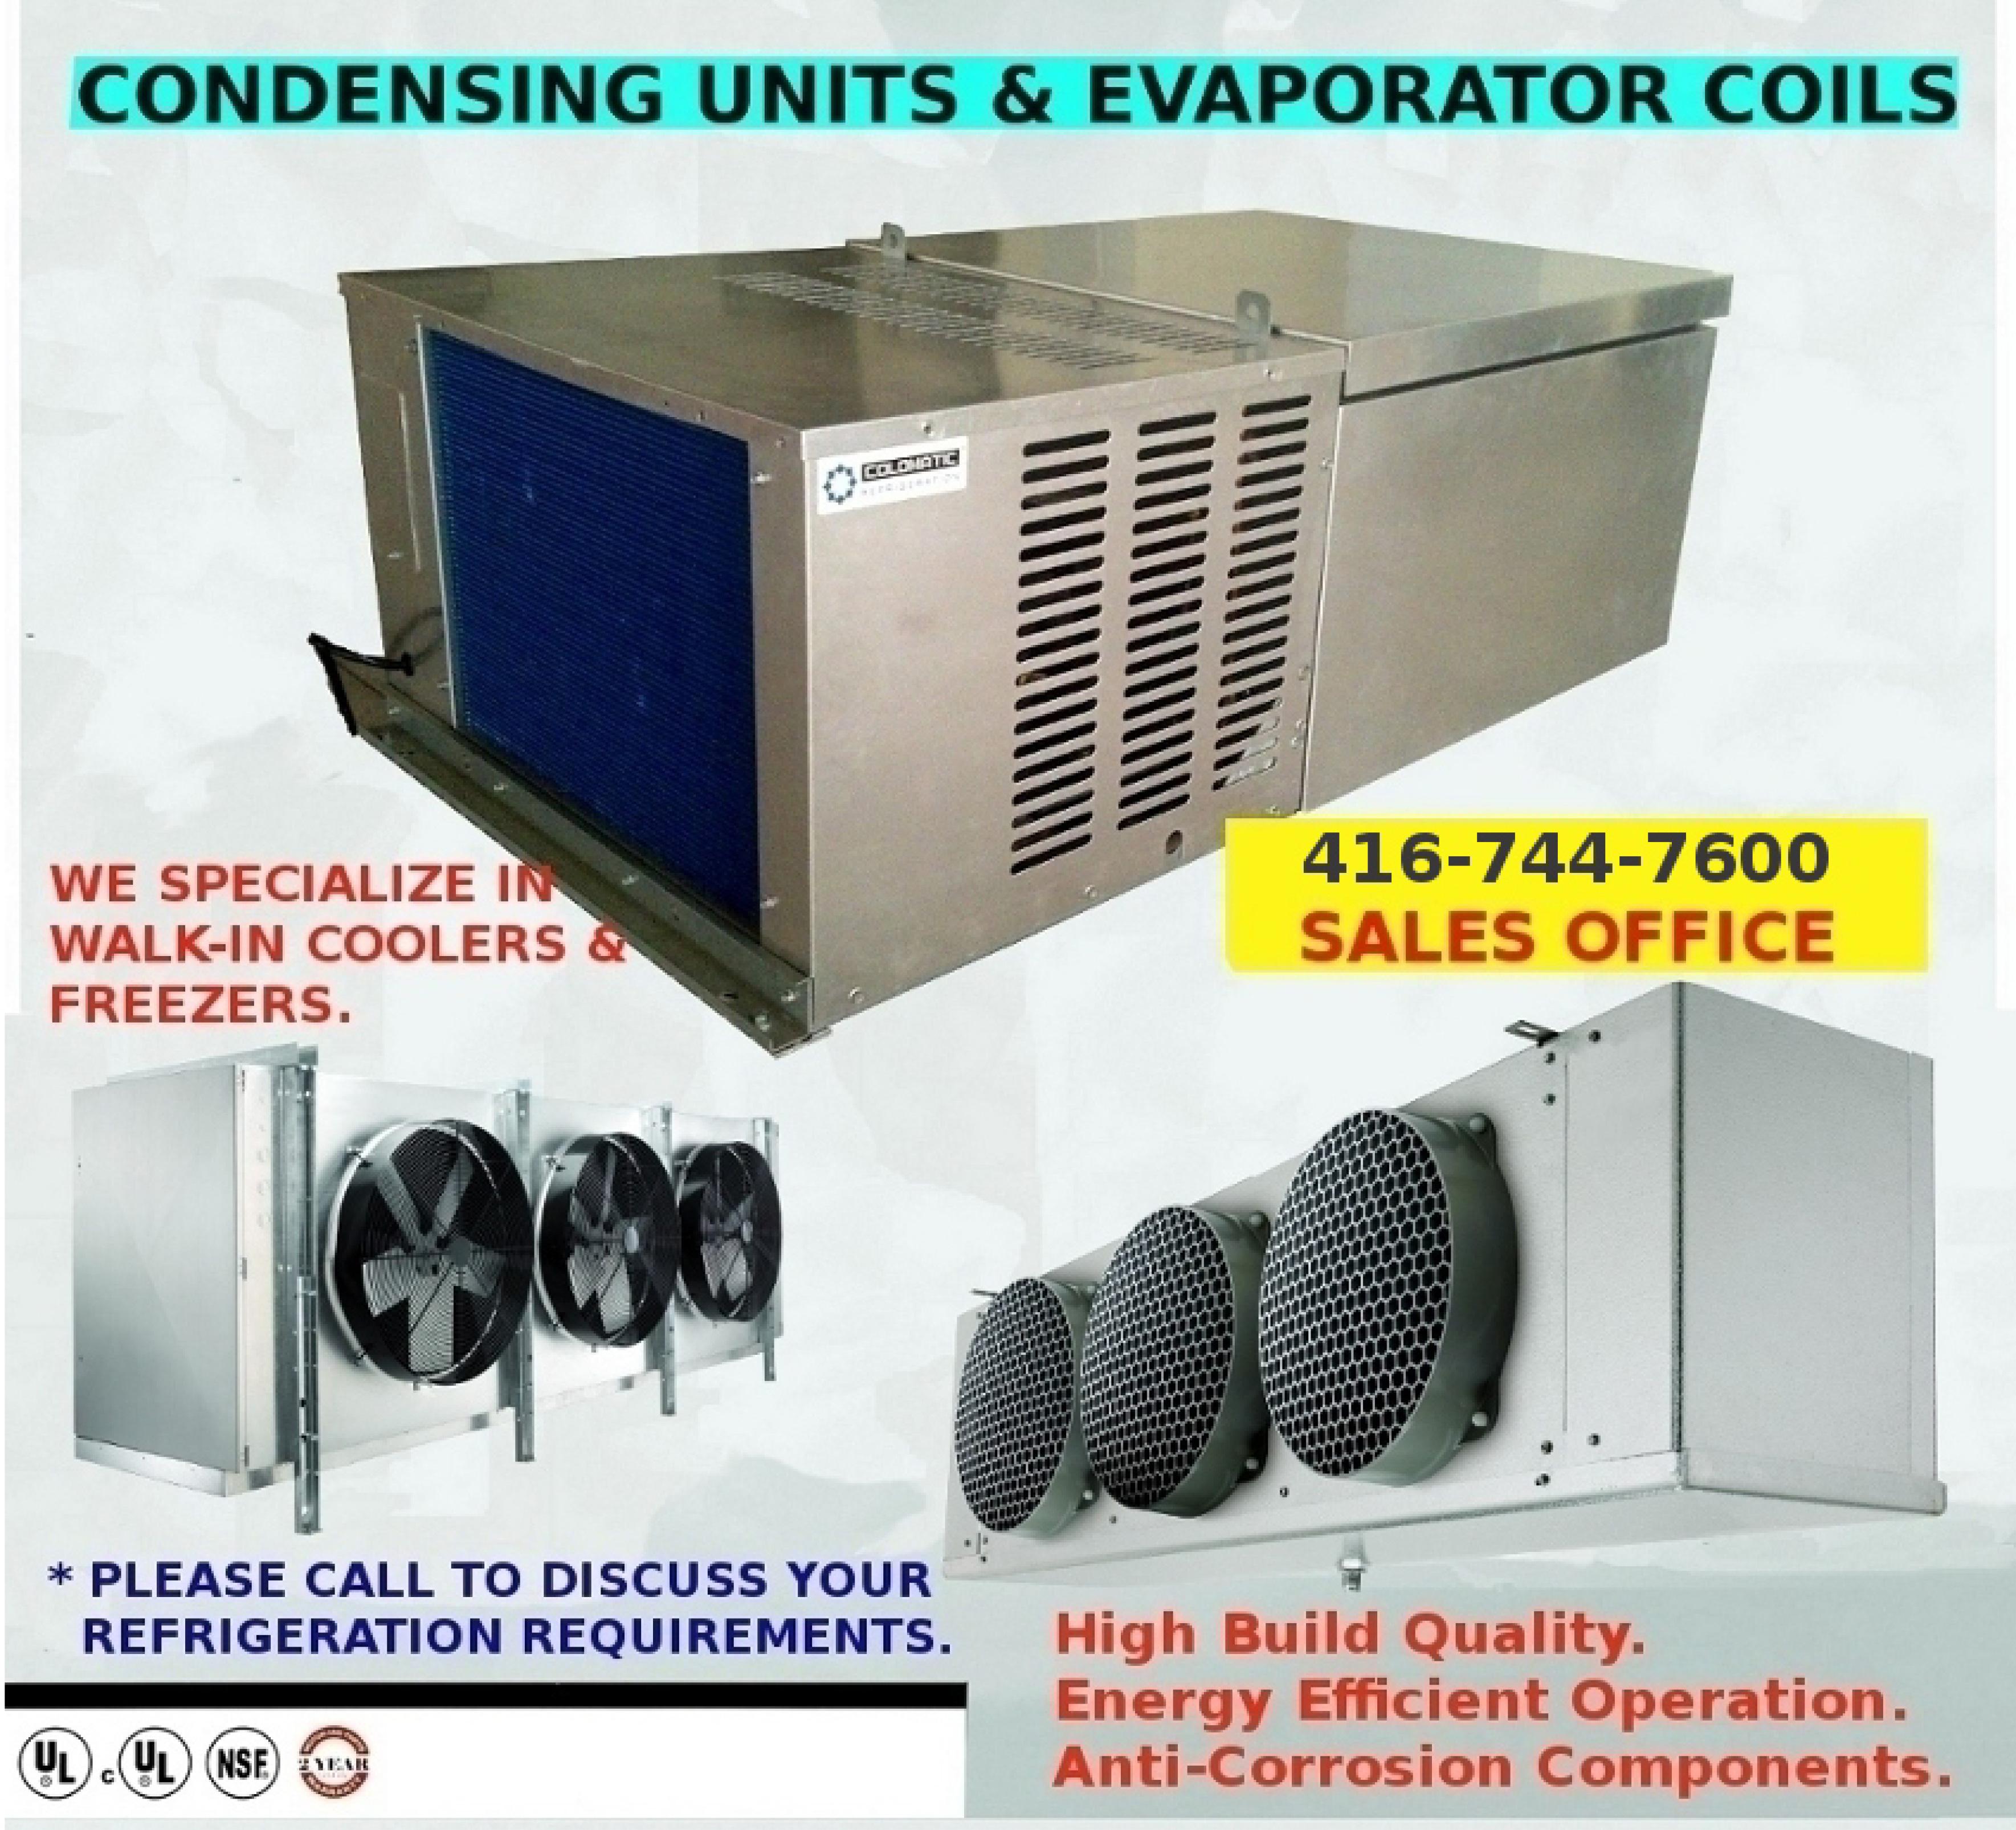 Condensing units & Evaporator Coils